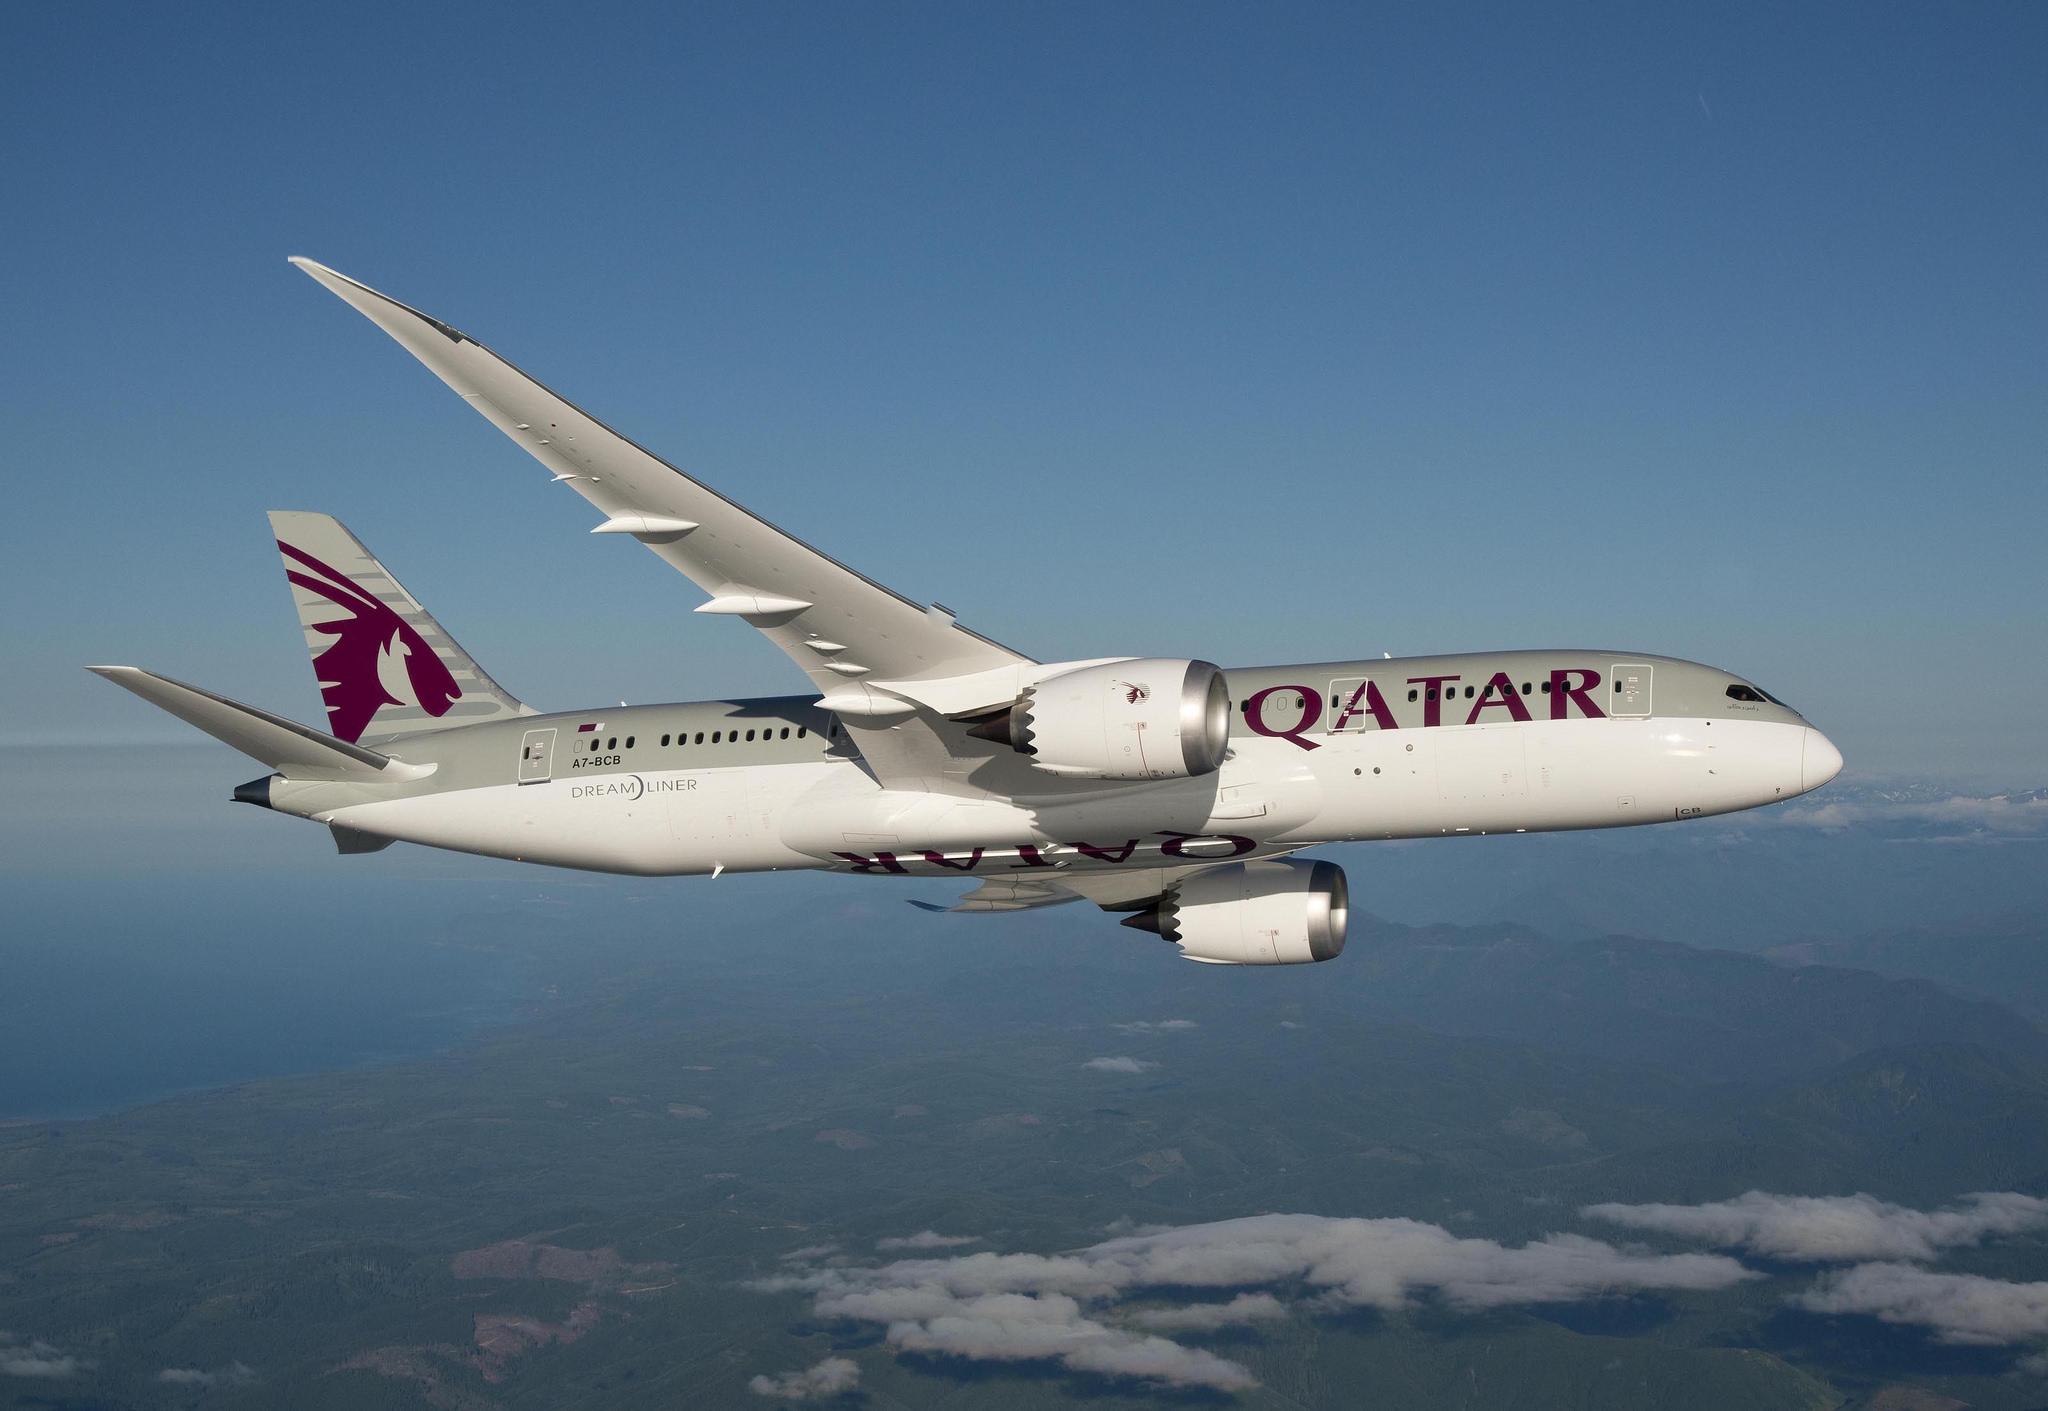 24 nuevos destinos de Qatar Airways a Japón en código compartido con Japan Airlines